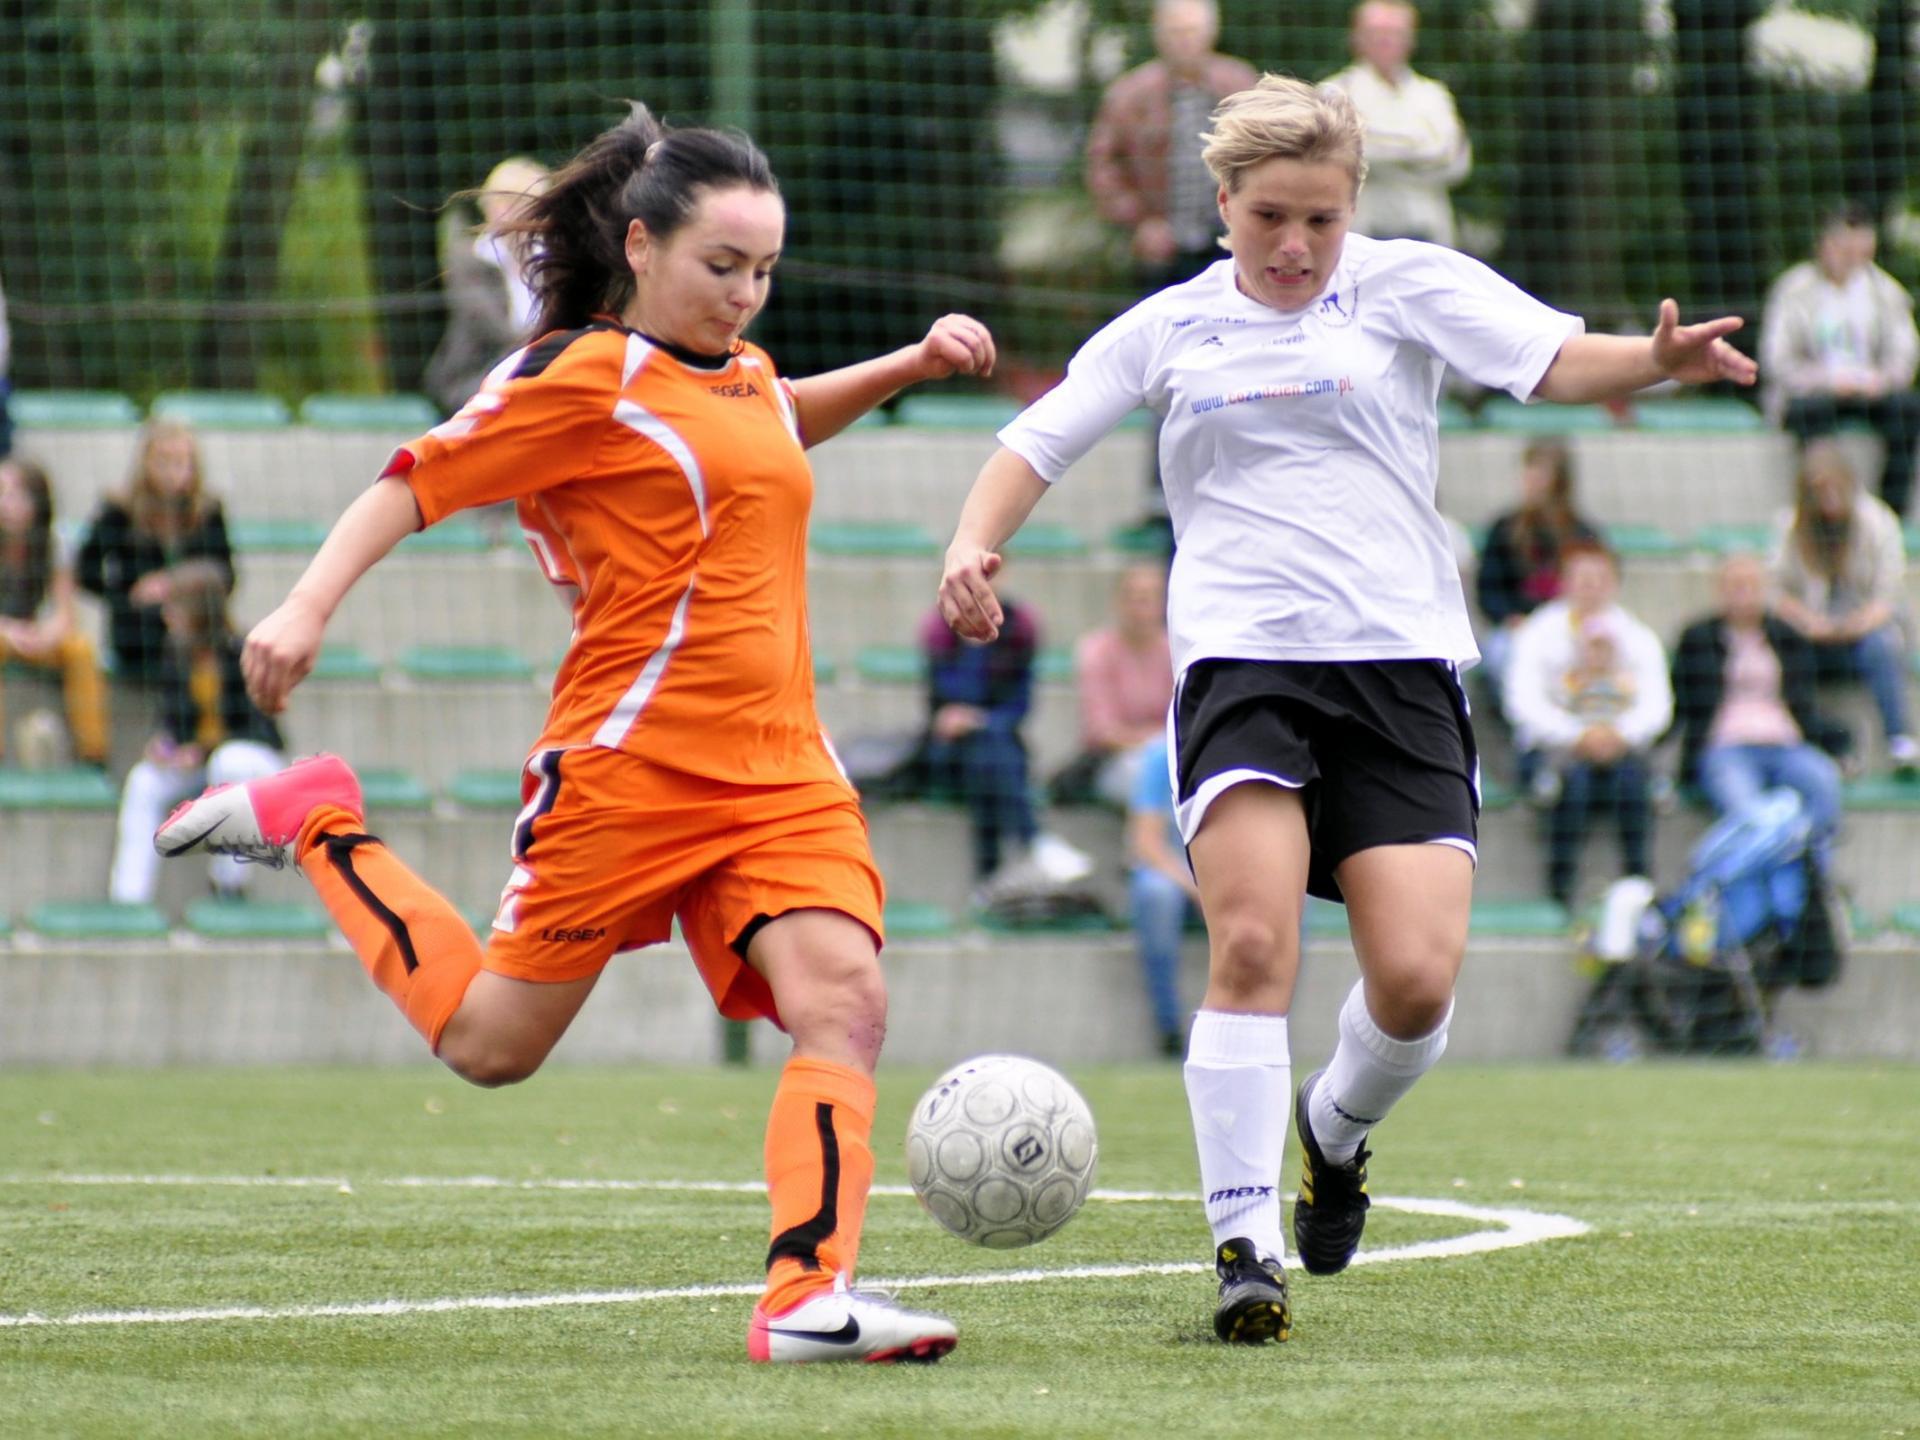 Zamłynie Radom - LUKS Sportowa Czwórka Radom 0:6 (0:3) fot. Szymon Wykrota